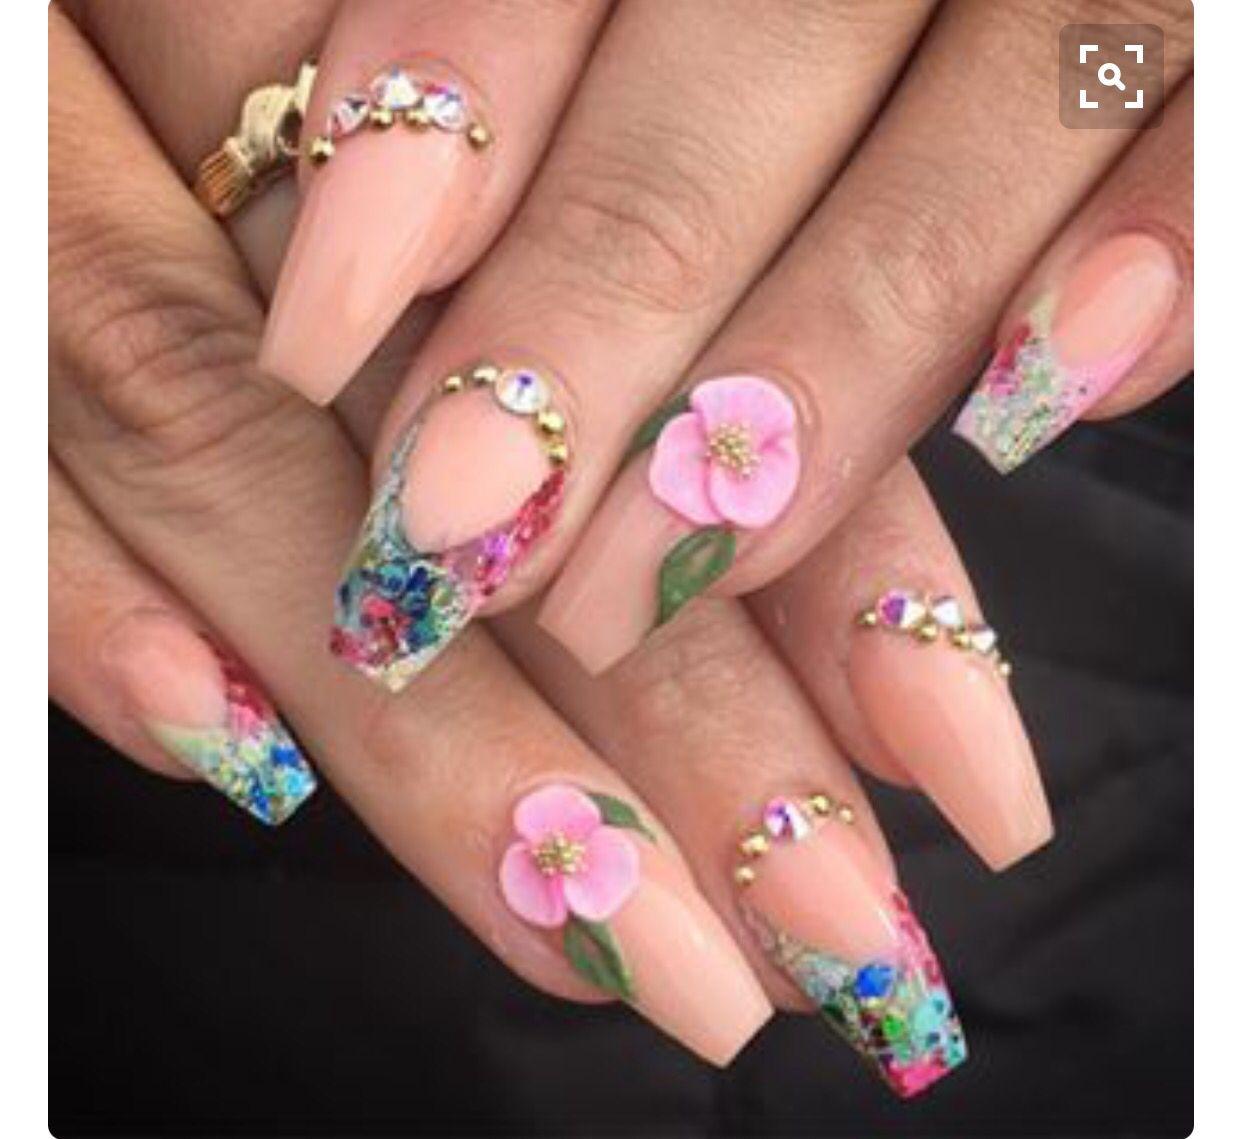 Pin by Elizabeth Gunnels on Fabulous Nails | Pinterest | Fabulous ...